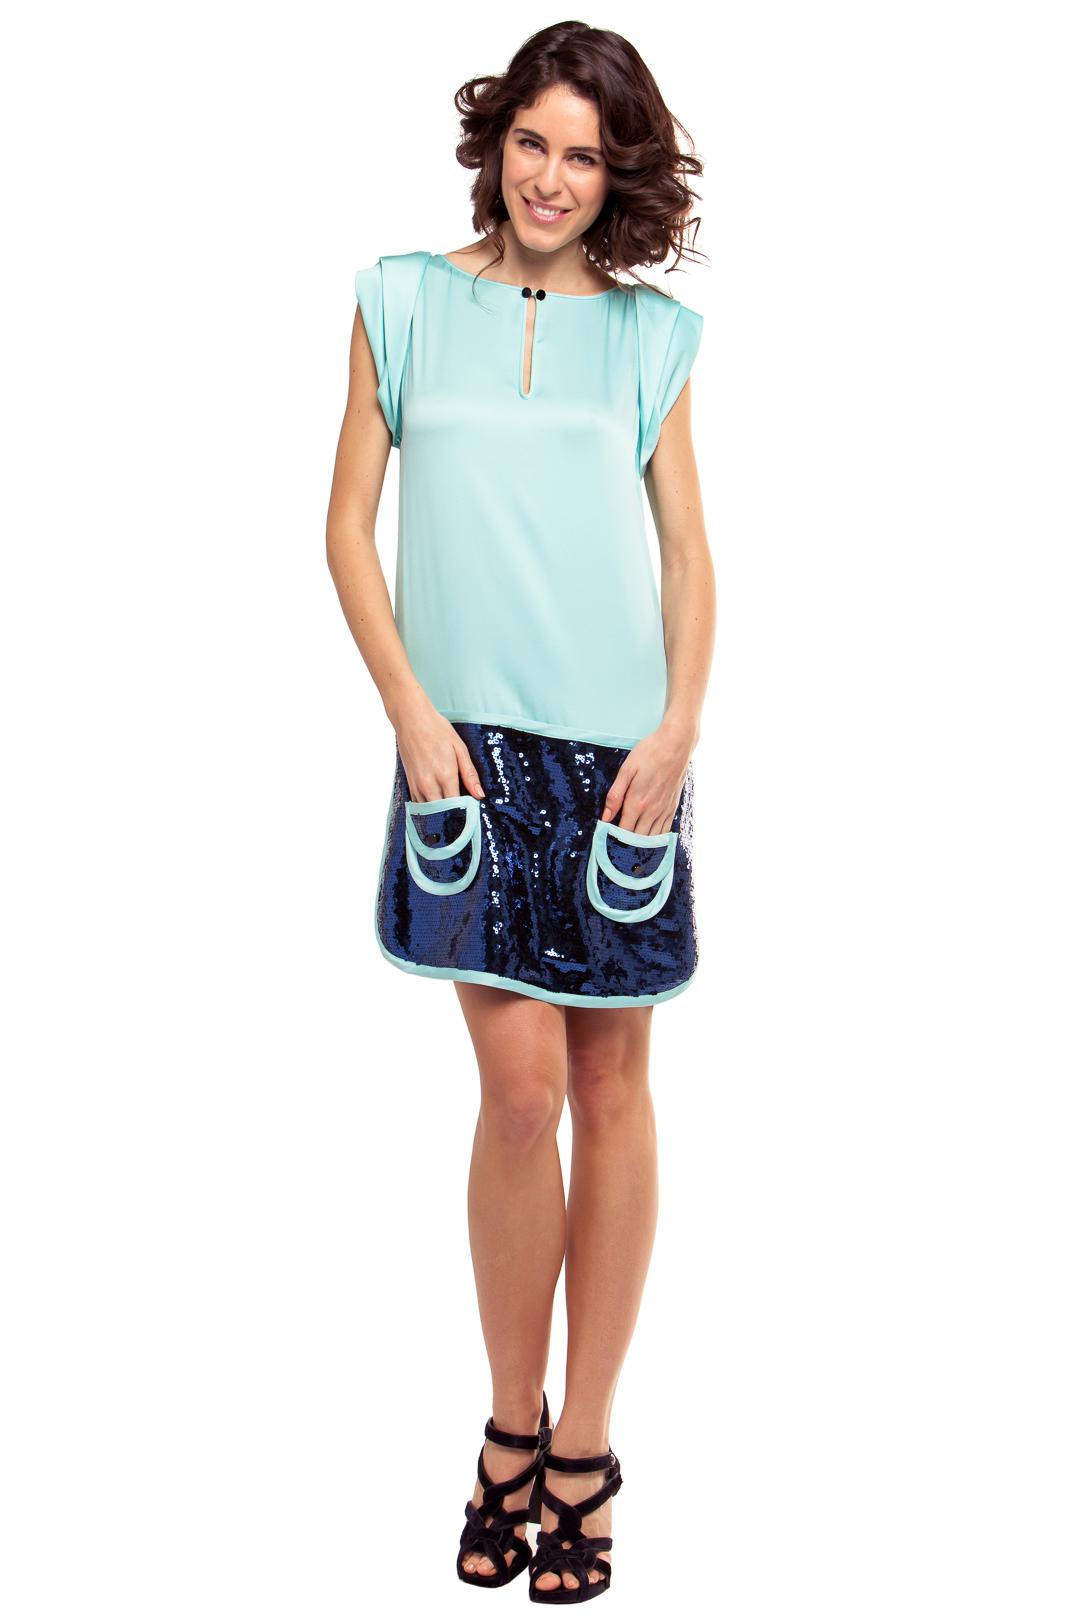 vest-azulcelesteazuloscuro-bolsillos-miniatura-front